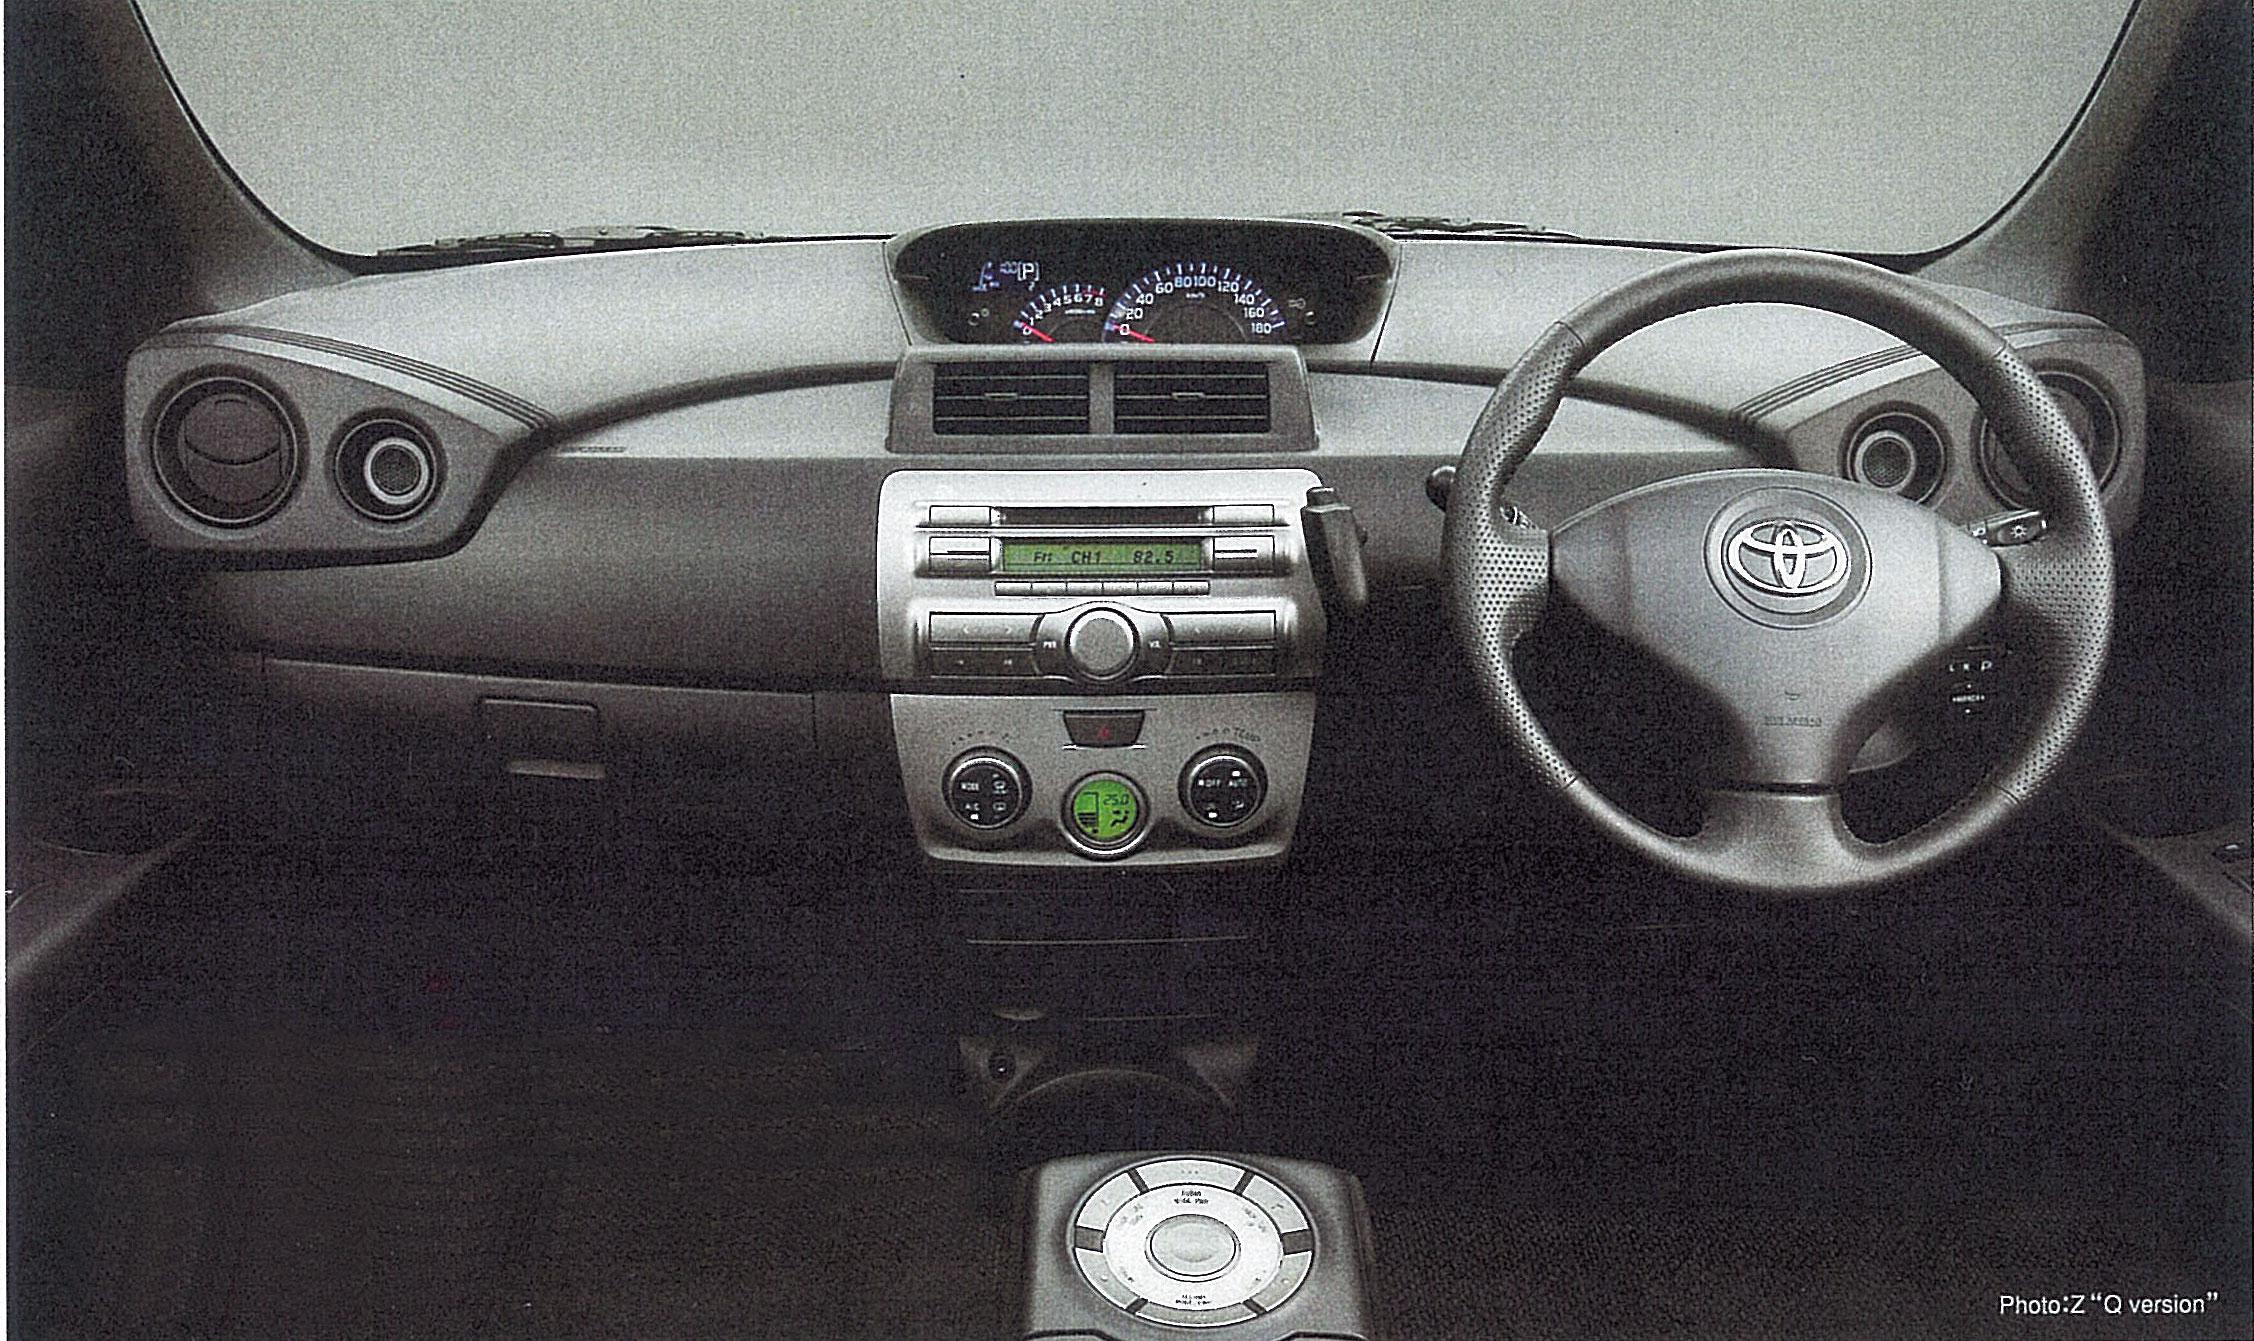 インパネデザインはDJブースをイメージしたものだという。エアコン吹き出し口にならんでいるのはツィーター。Qバージョンでは9スピーカーシステムのオーディオが標準装備で、アームレストコントローラーも標準装備